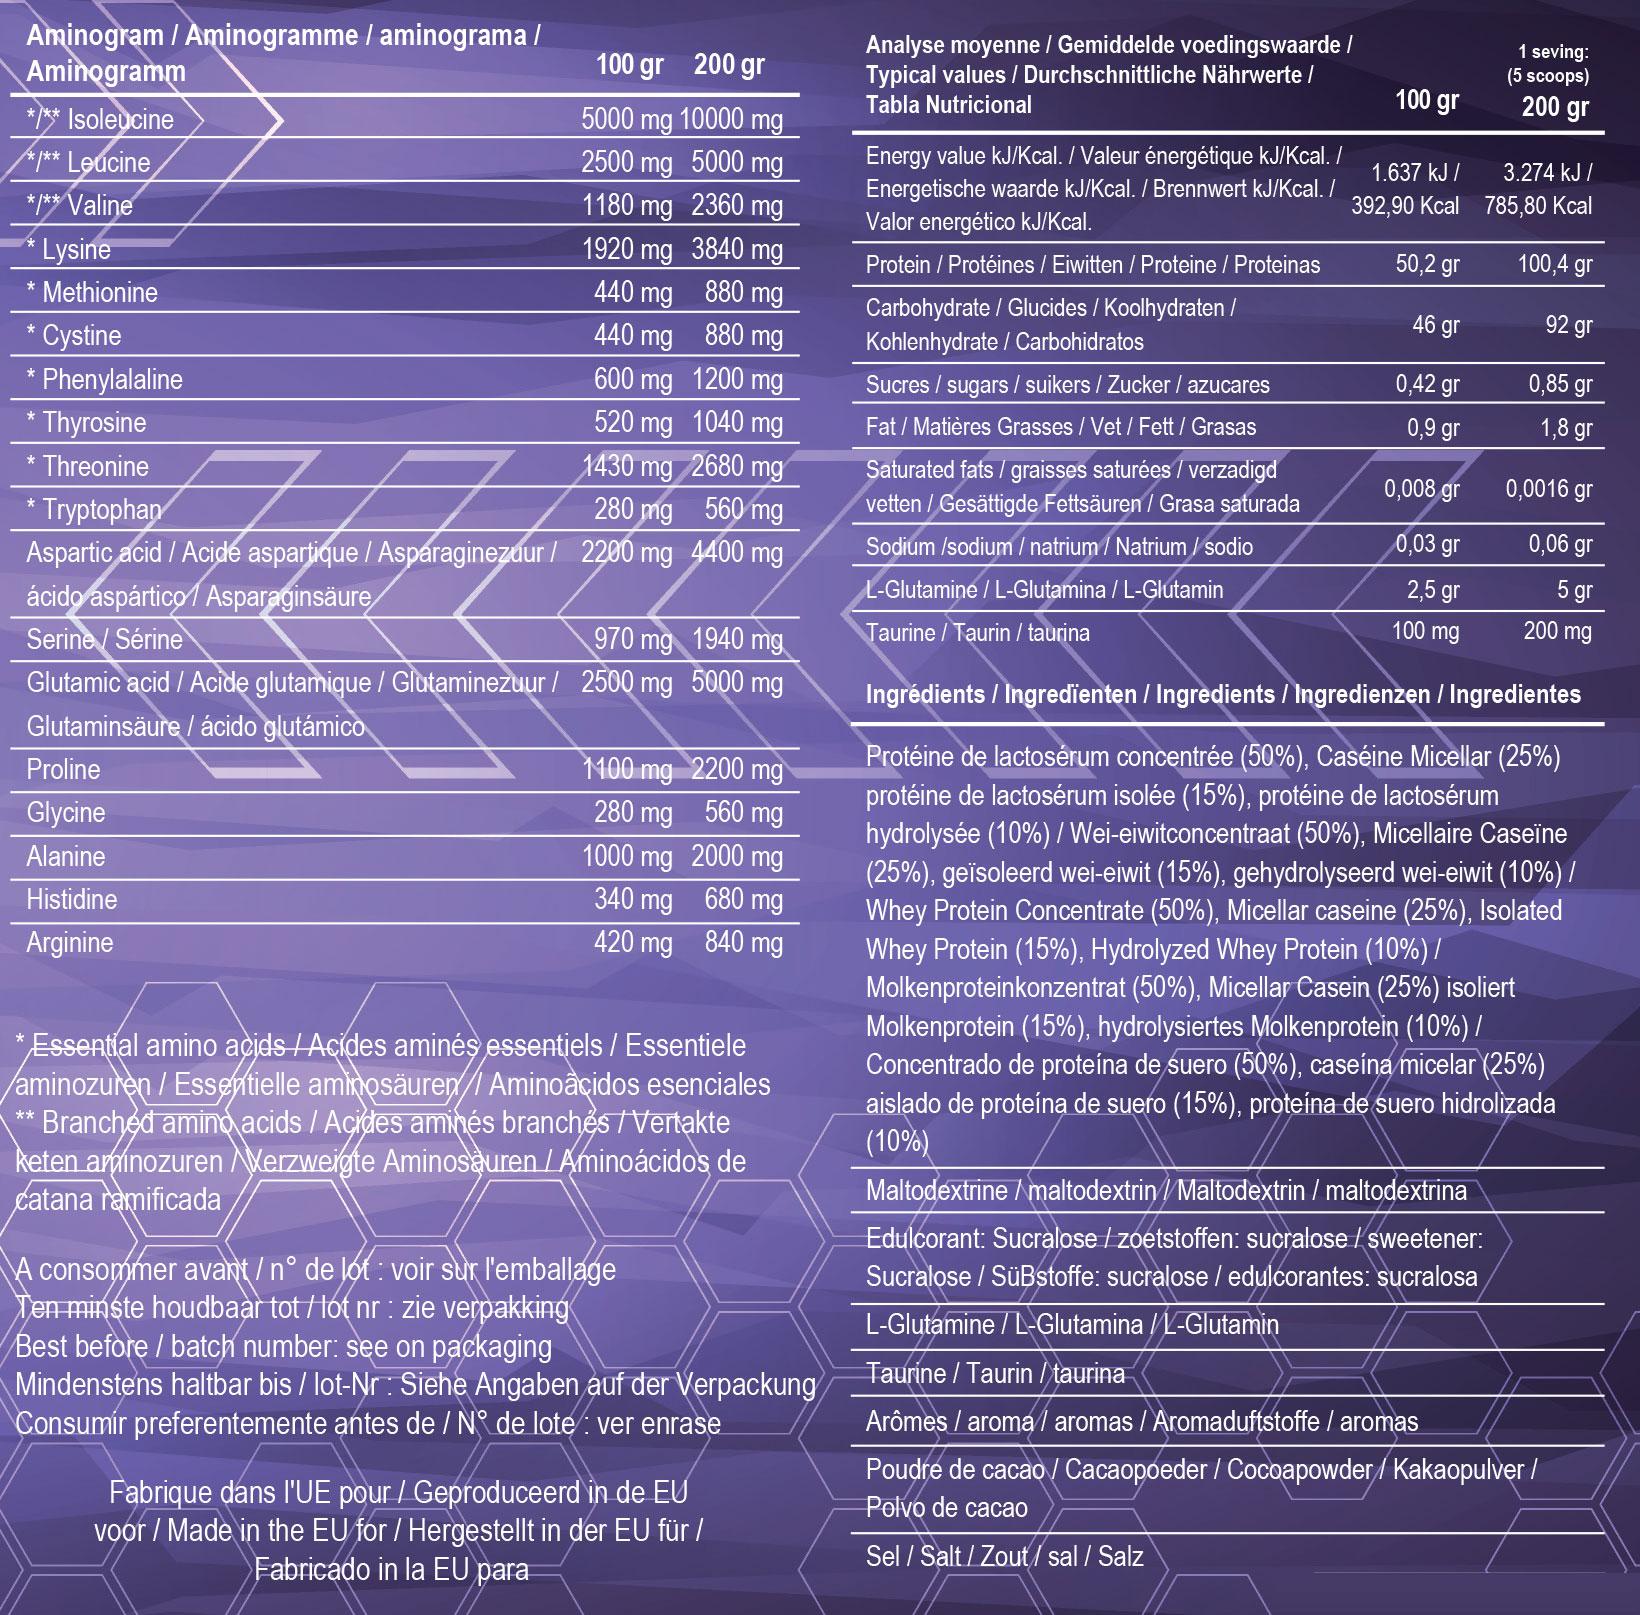 Informations nutritionnelles Armageddon Pro 100 d'Addict Sport Nutrition